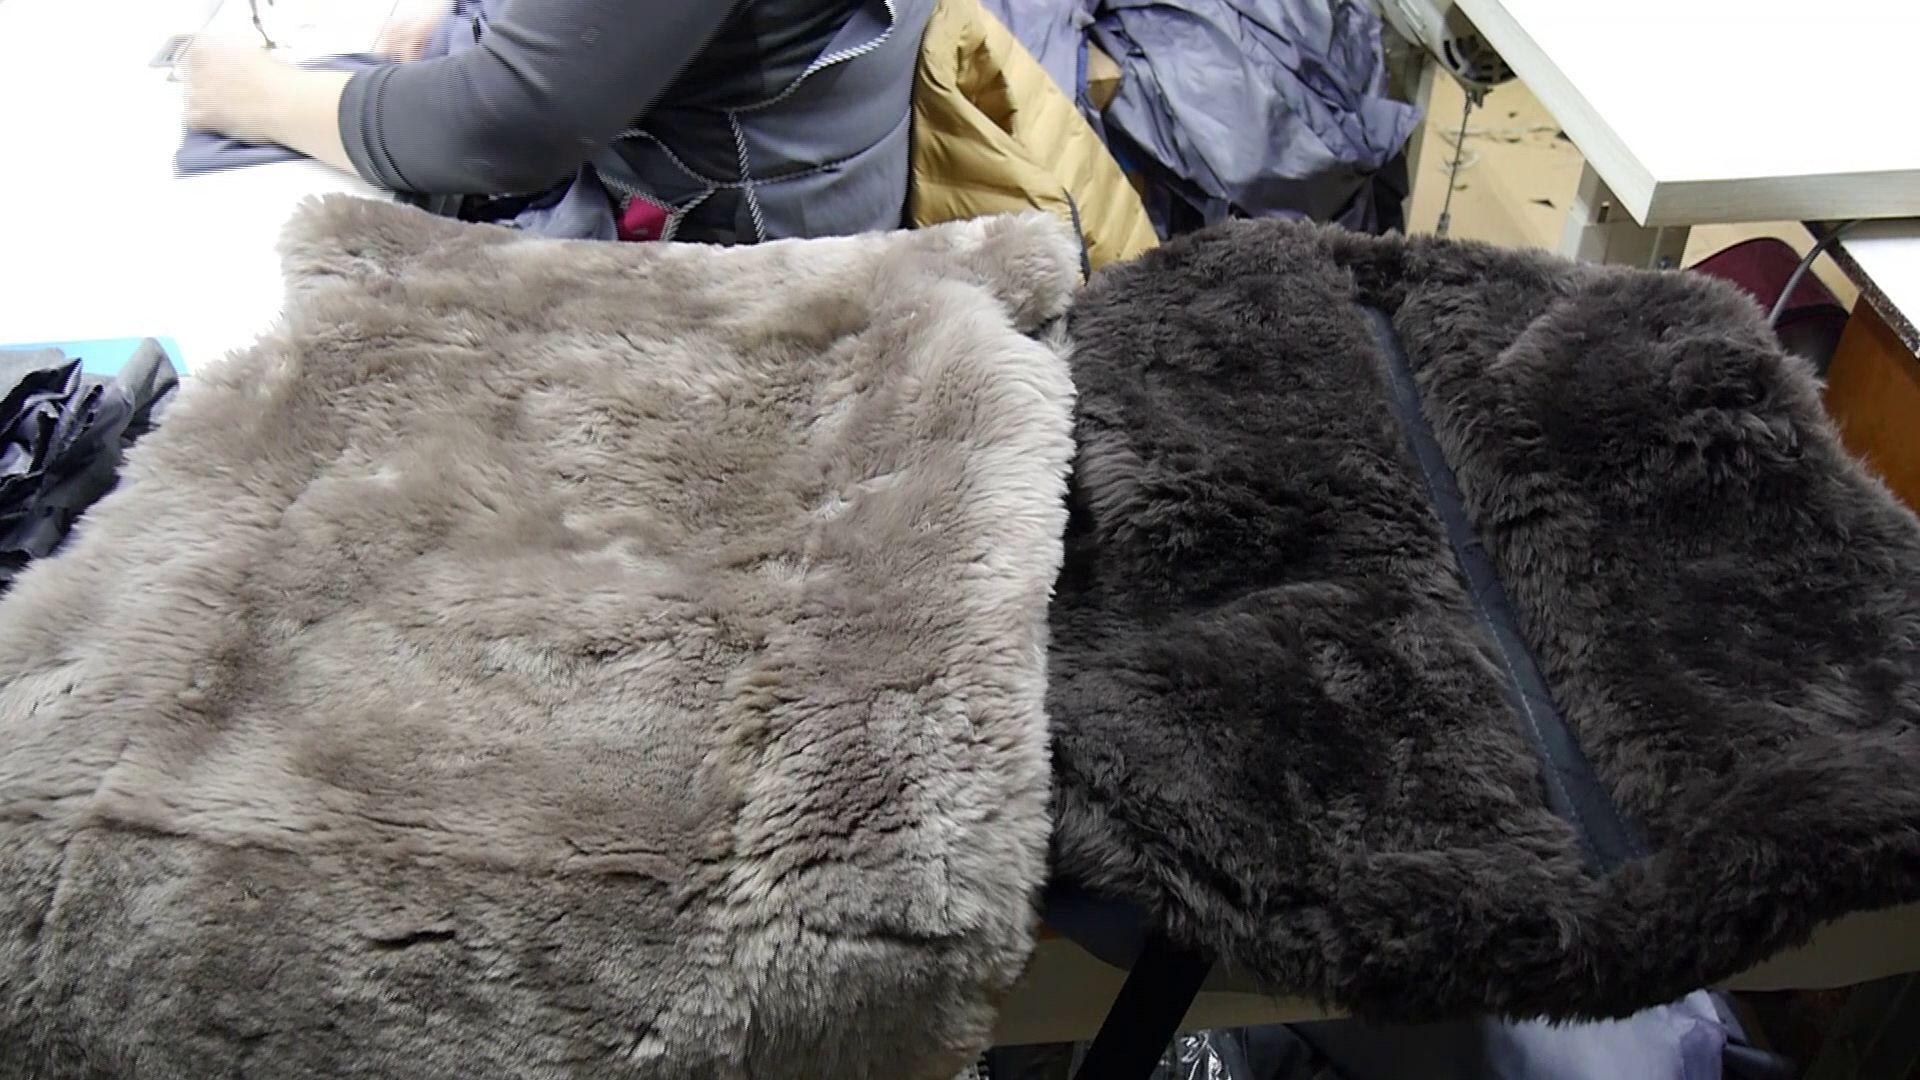 Переславская меховая продукция вышла на мировые рынки